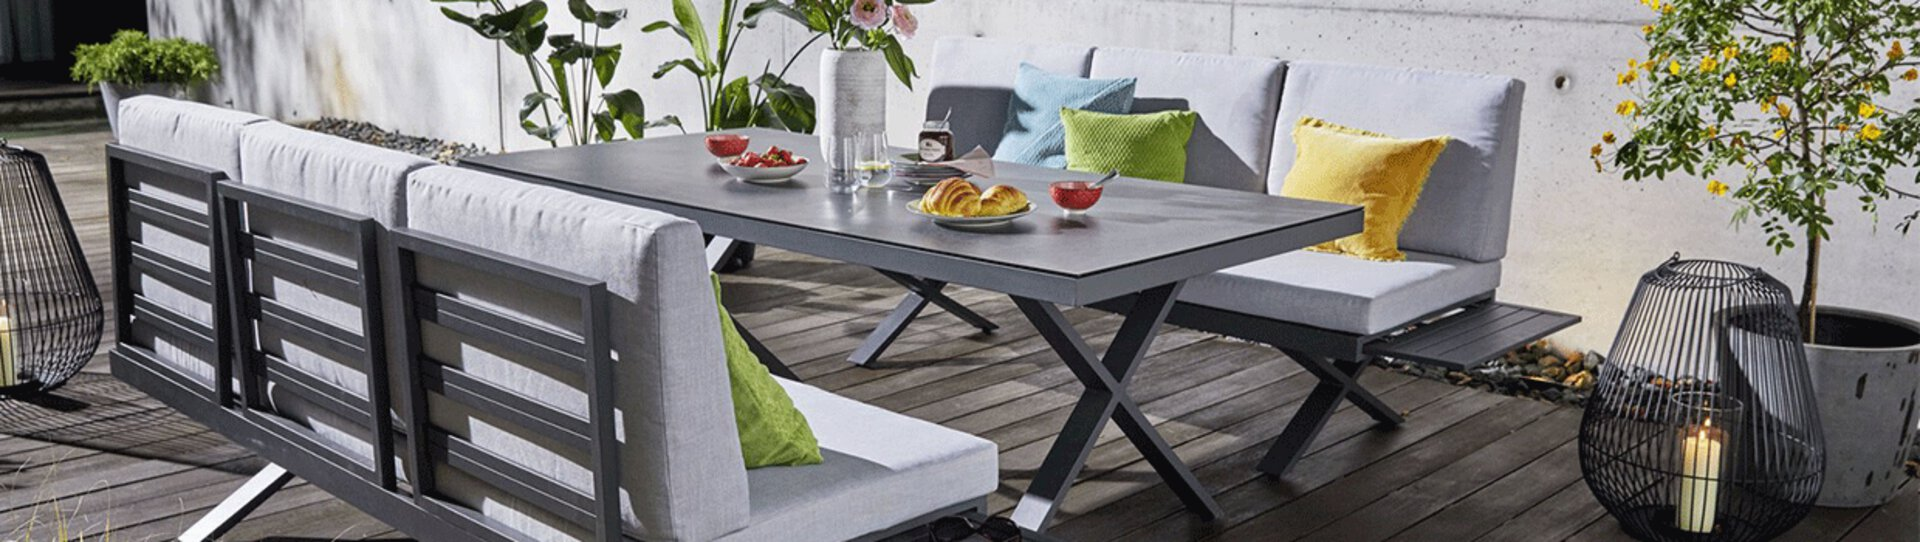 Der trendige und zugleich zeitlose Gartentisch von Möbel Inhofer ist ein wahrer Hingucker in jedem Garten und auf jeder Terrasse. Verbringen Sie lange und lustige Abende mit Ihren Freunden an diesem stylischen TIsch